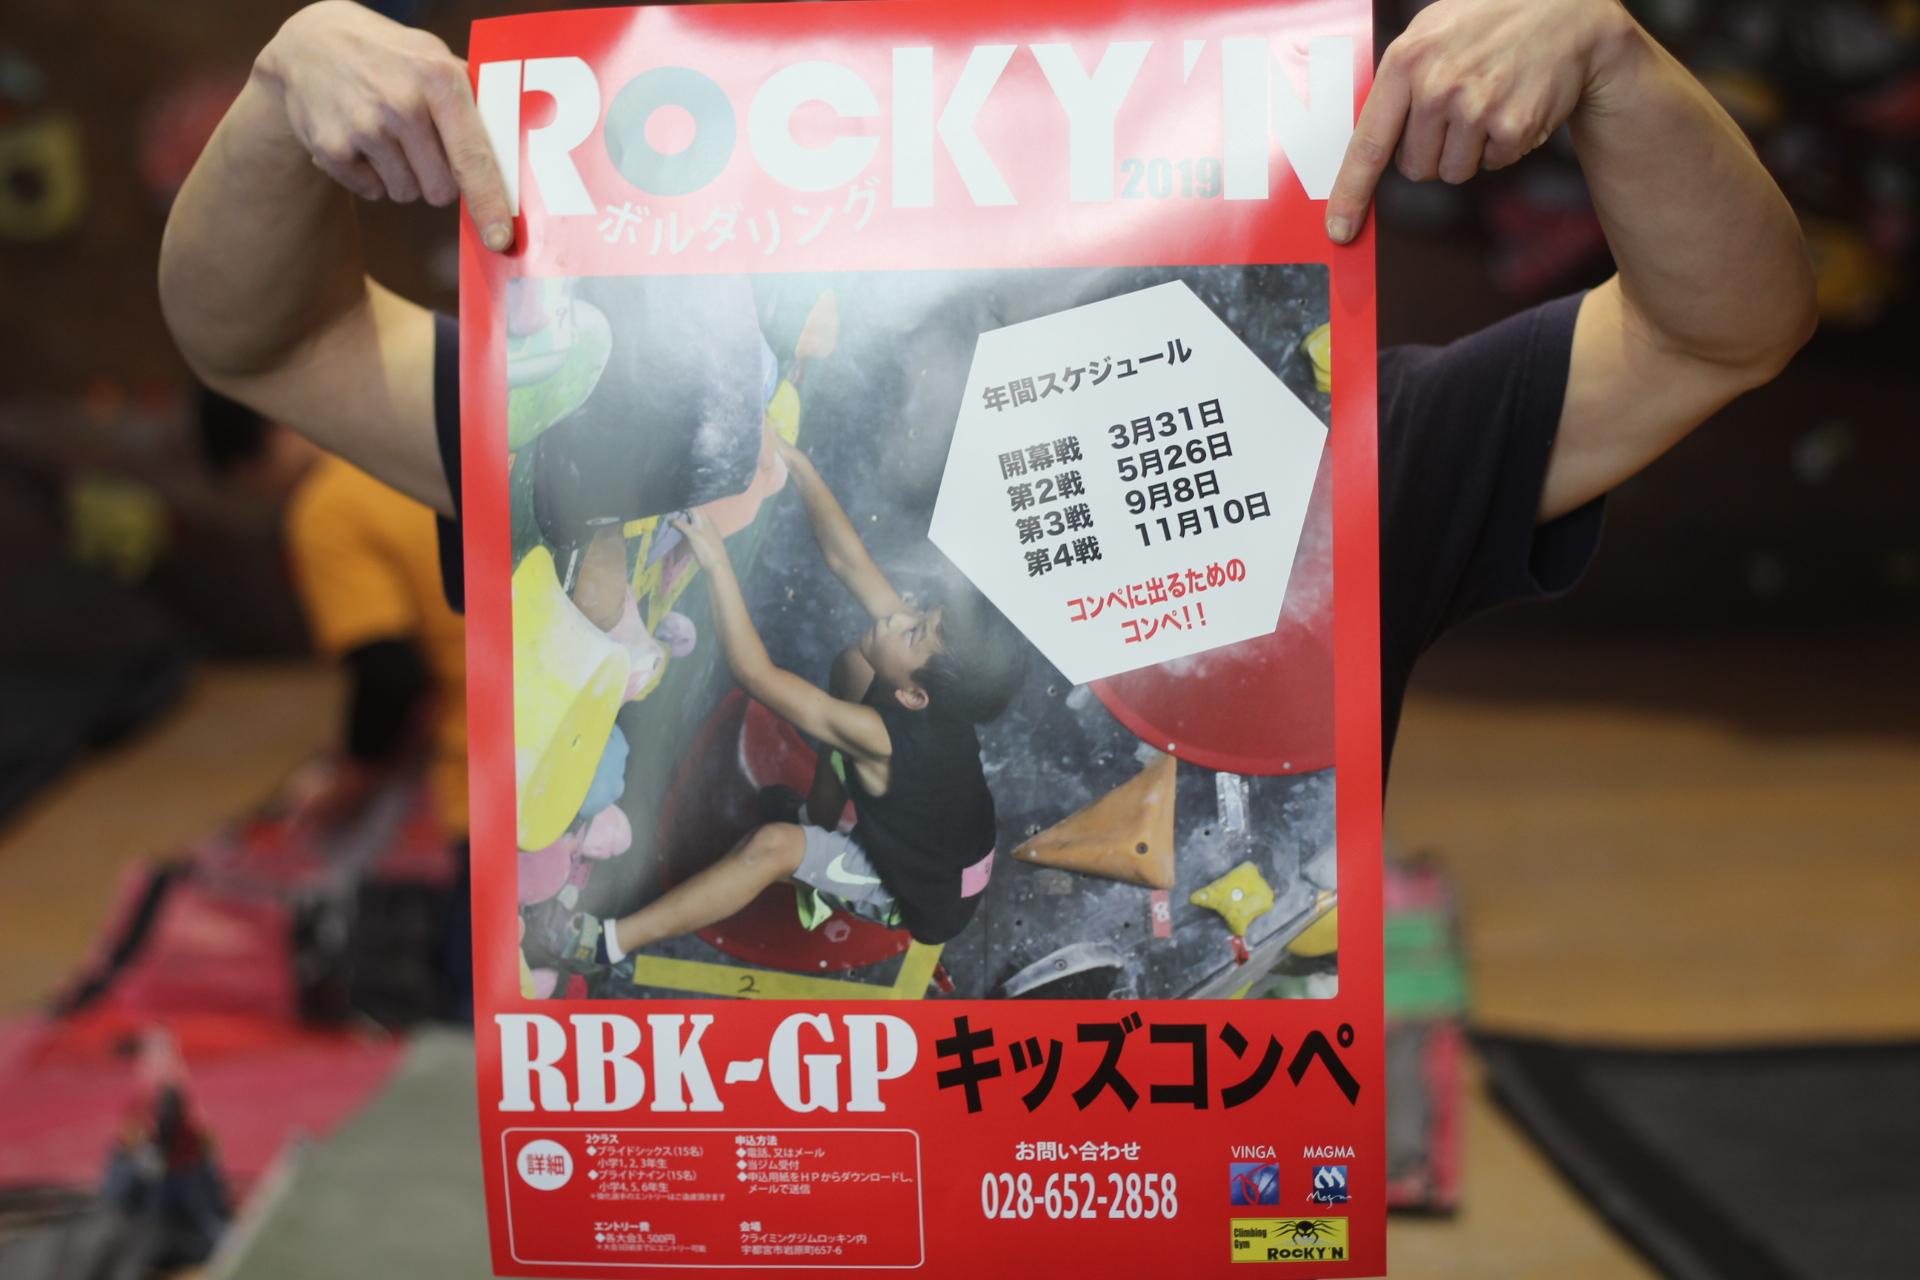 RBK-GP キッズコンペ